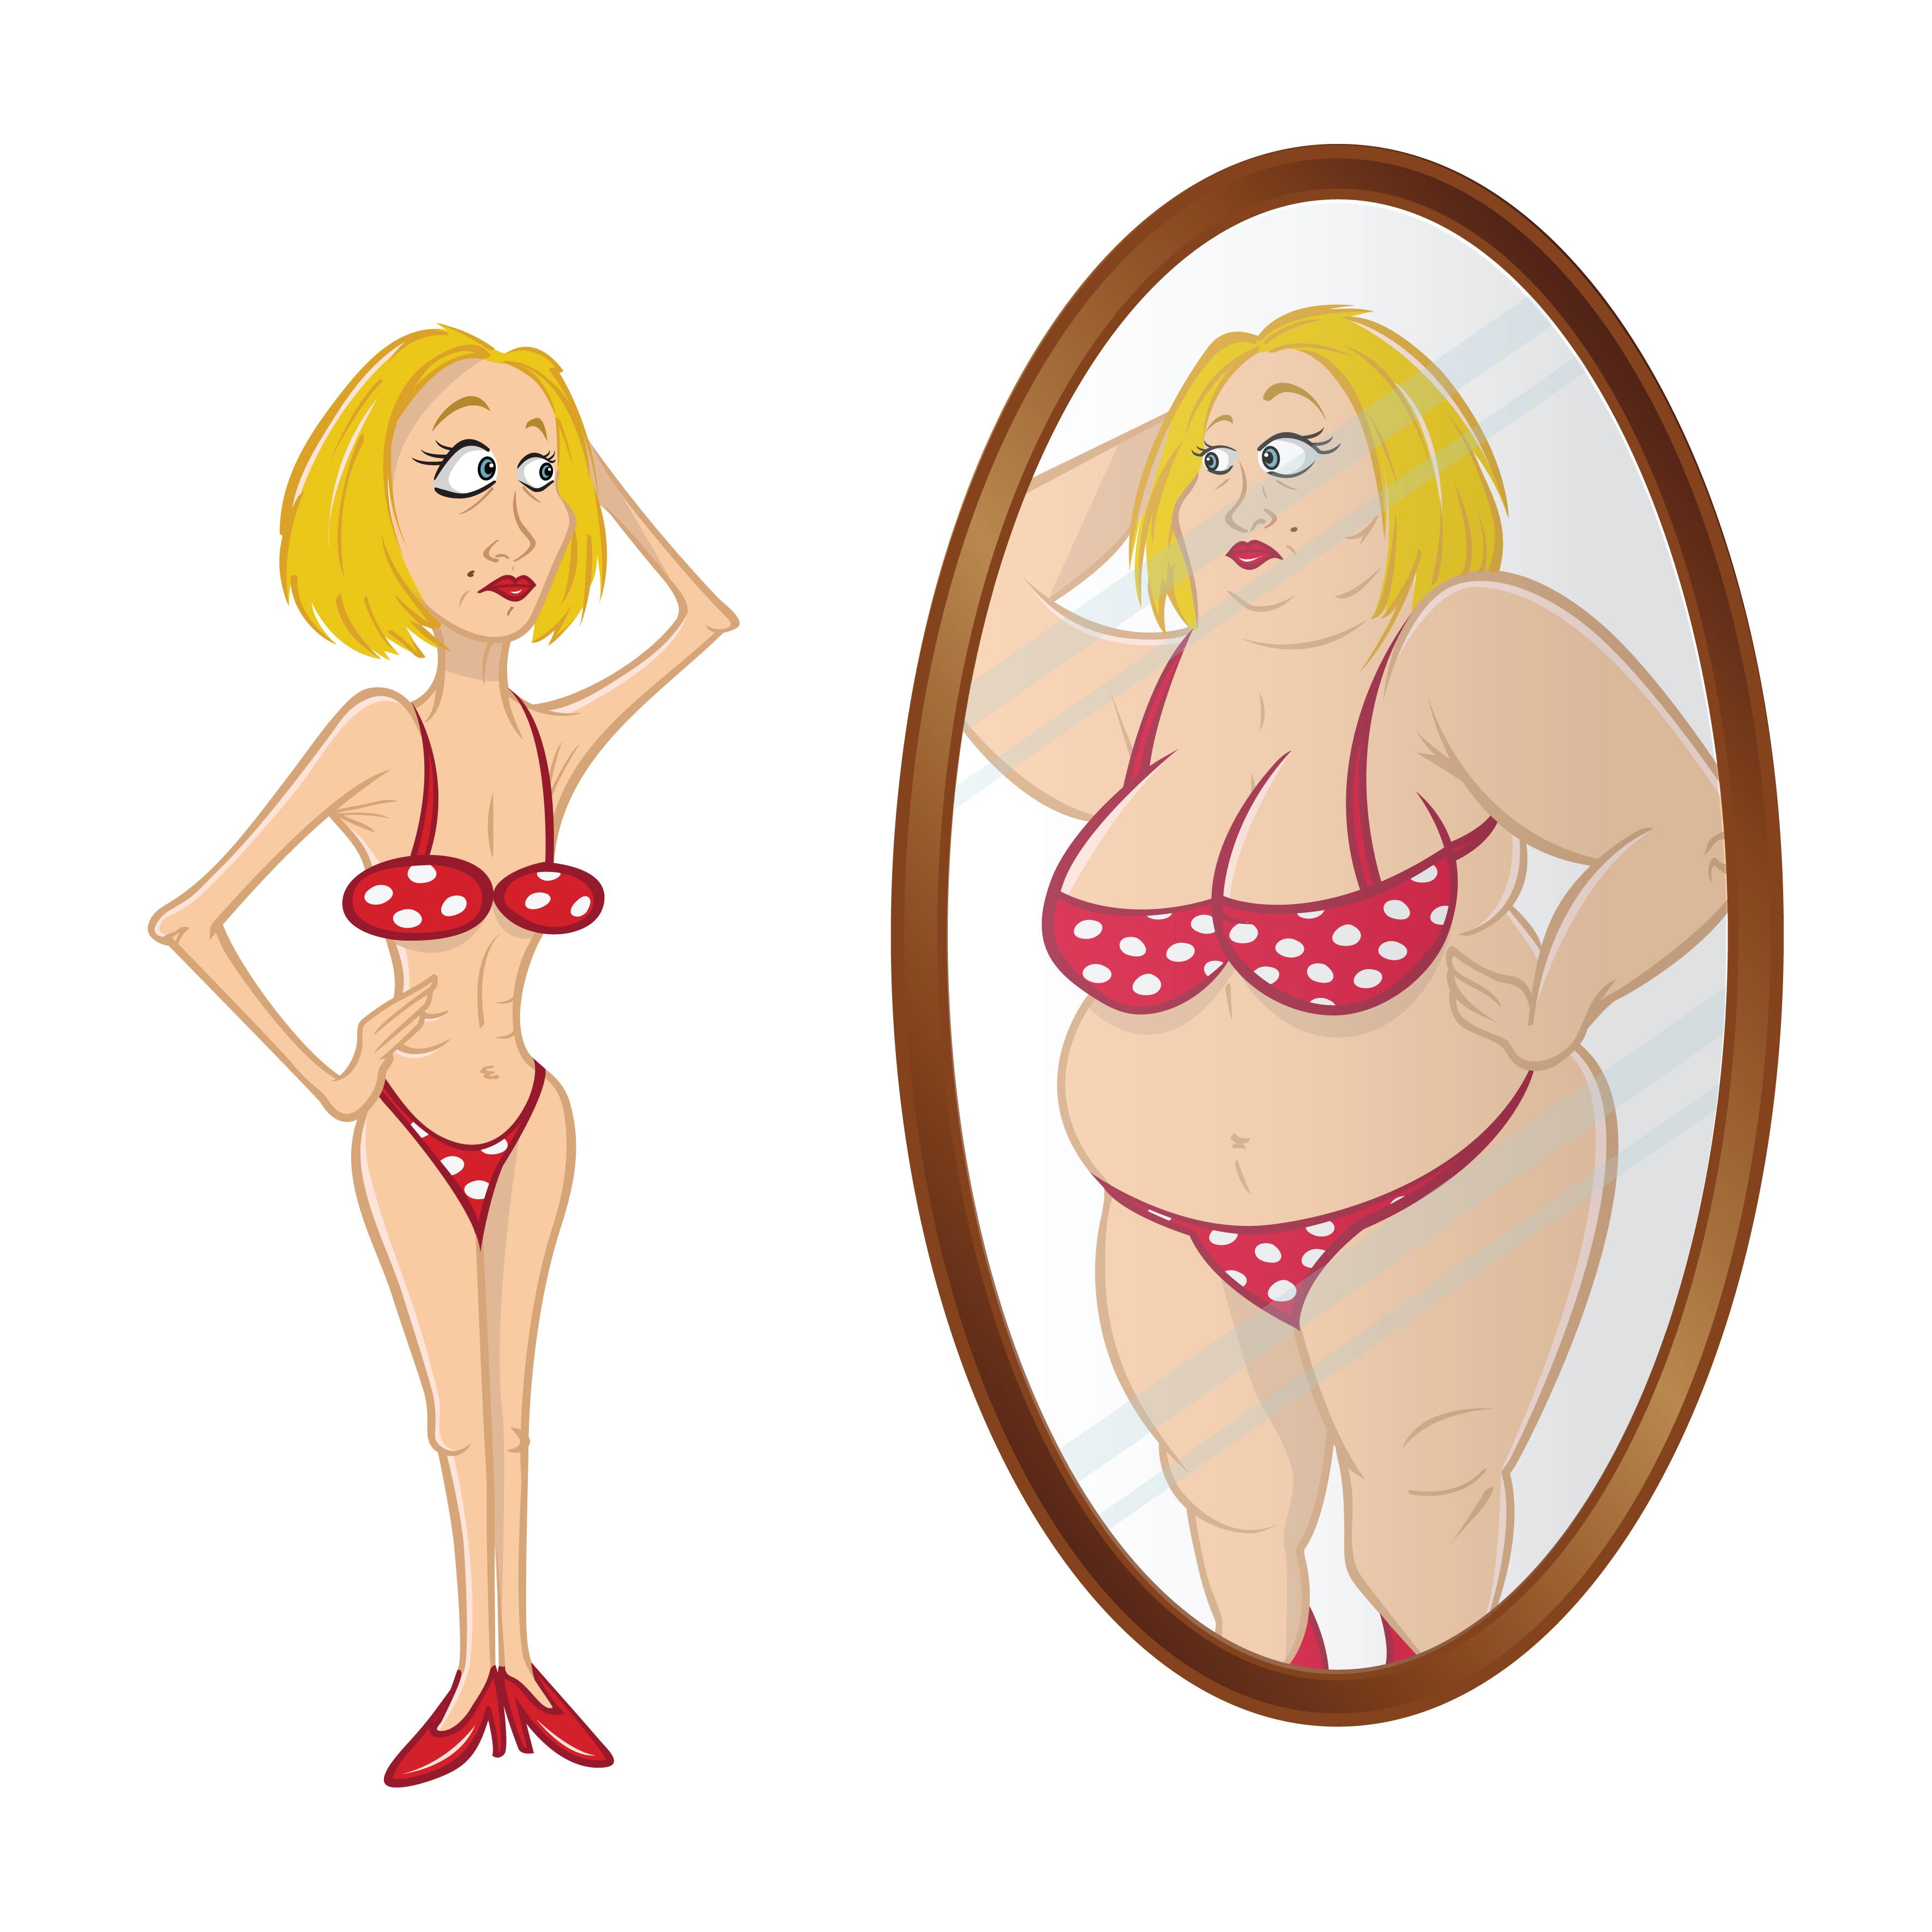 Nesprávné vnímání svého těla ze Shutterstock.com